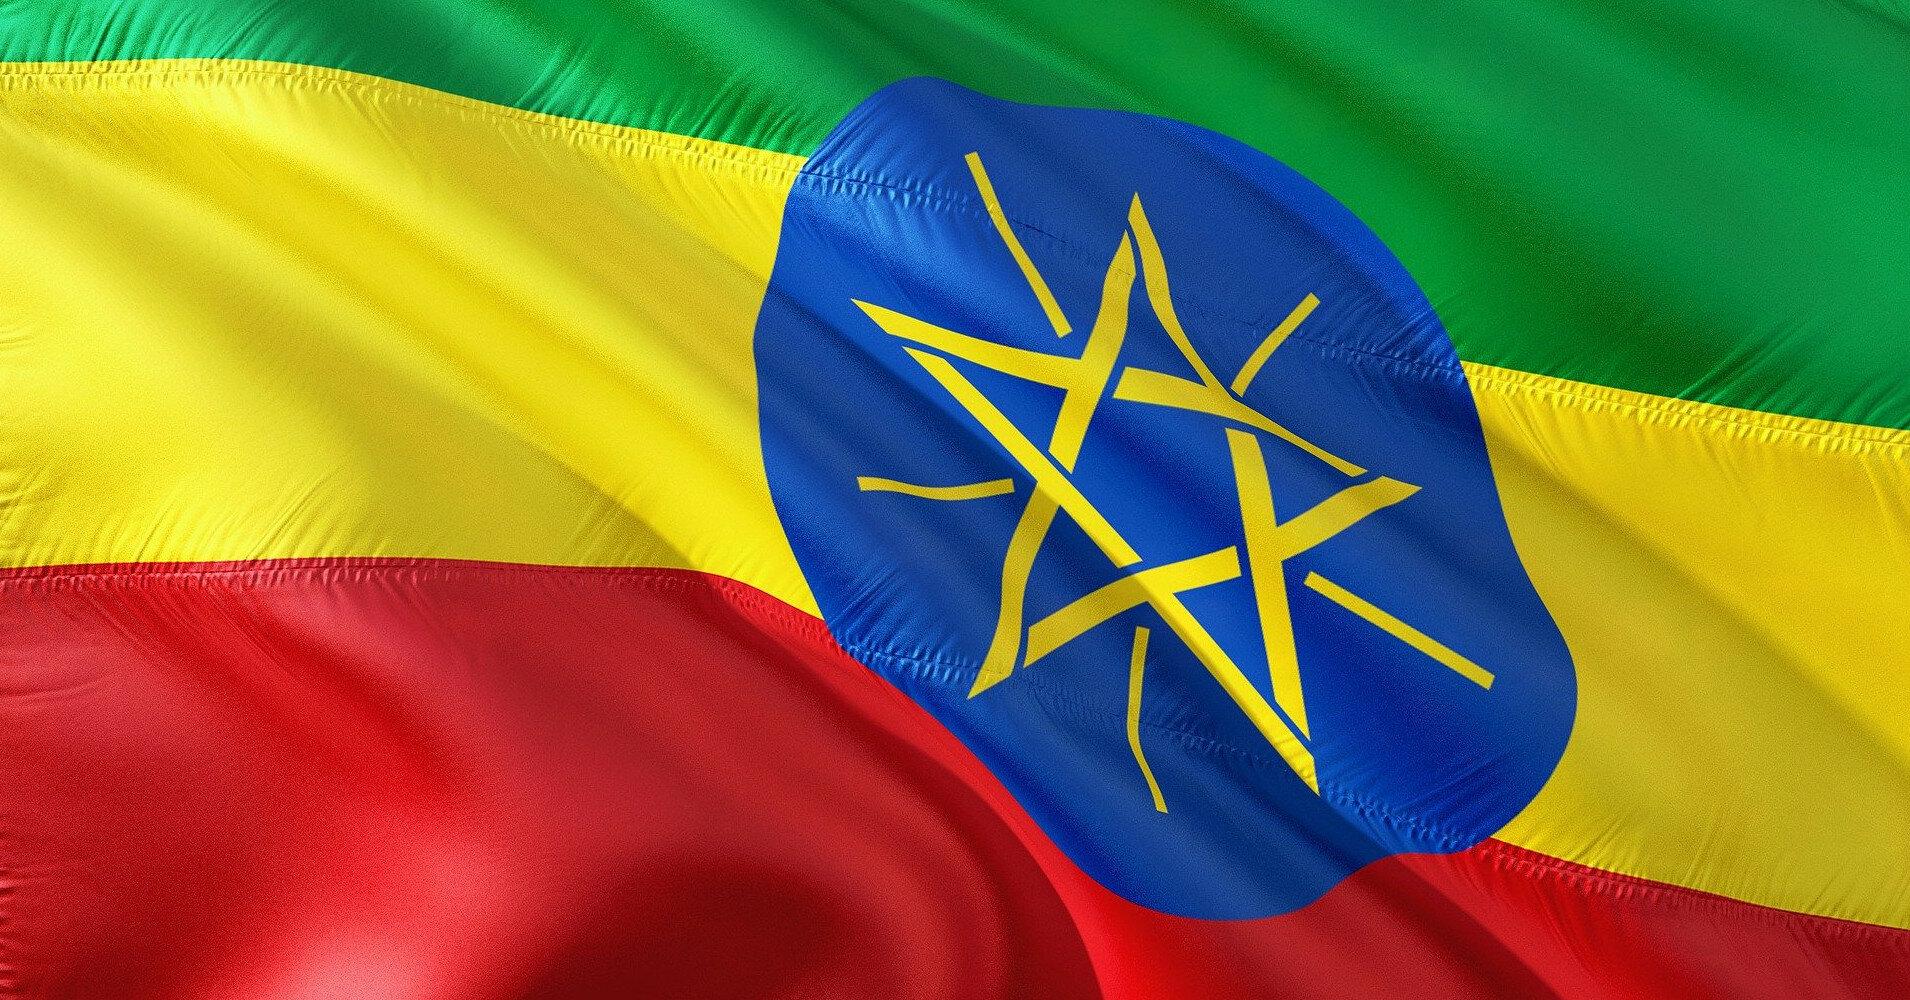 Более 350 тыс. жителей Эфиопии голодают из-за военного конфликта